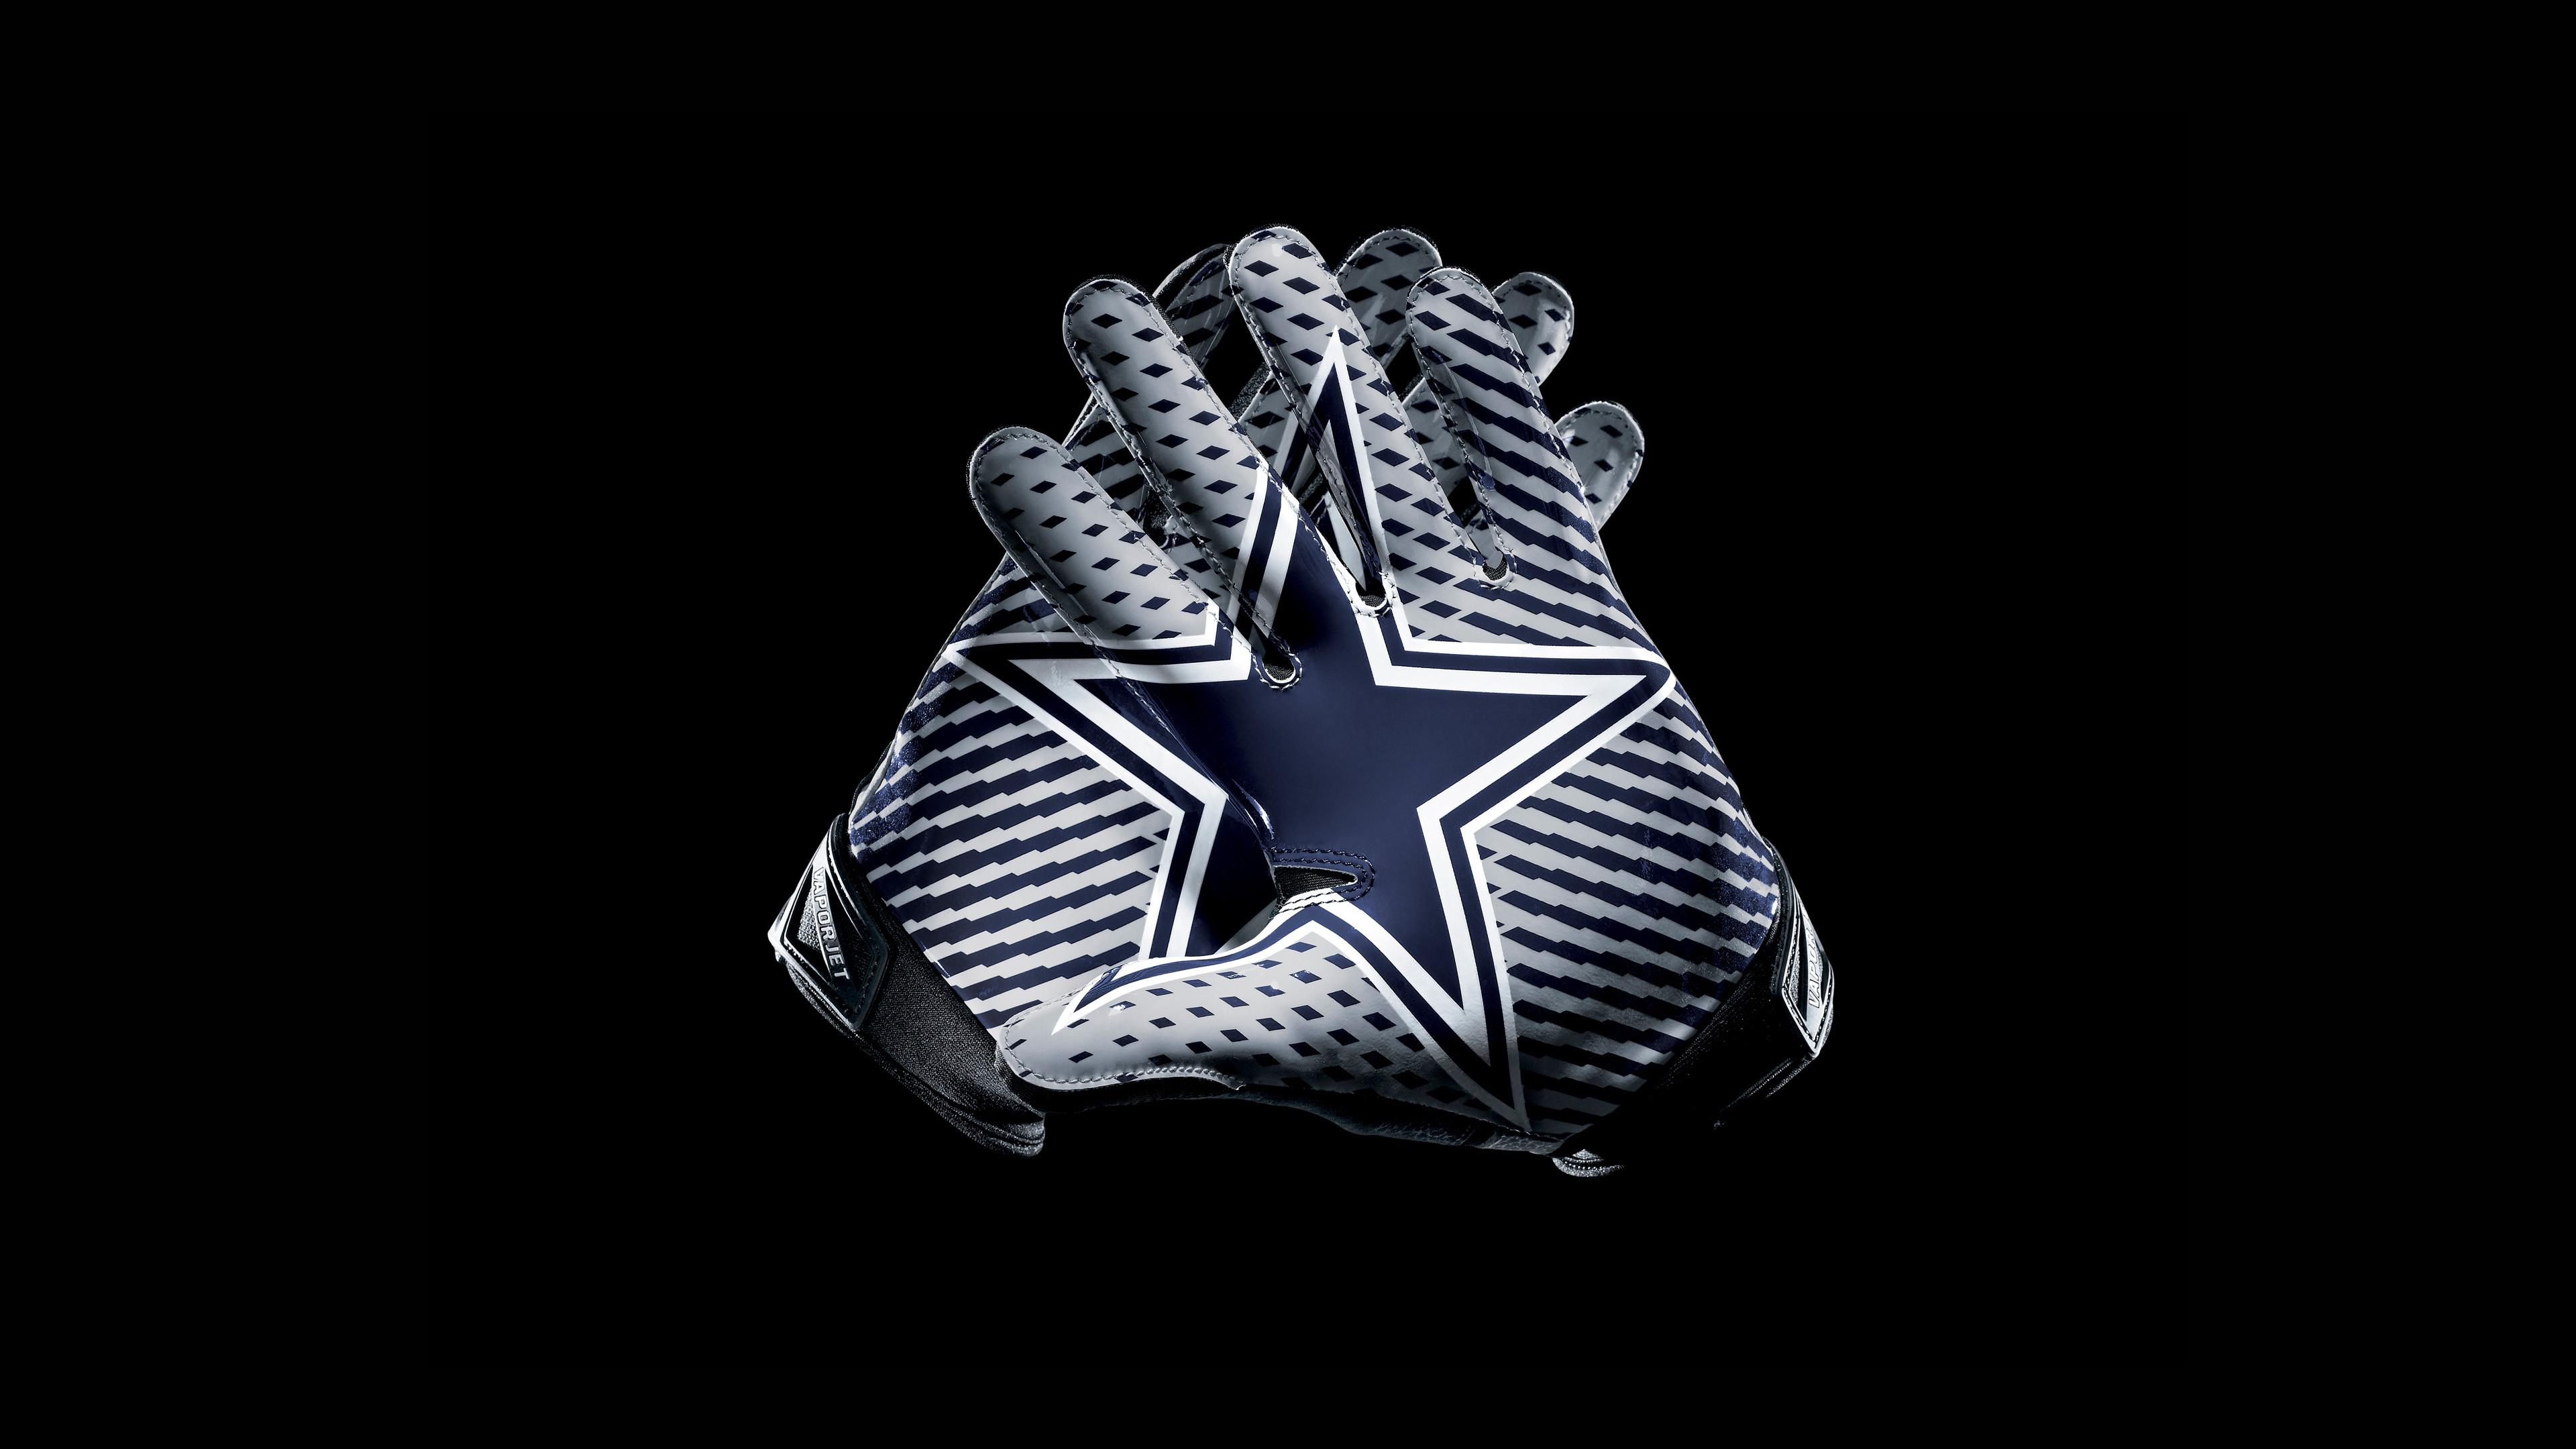 Cowboys Helmet Wallpaper (65+ images)